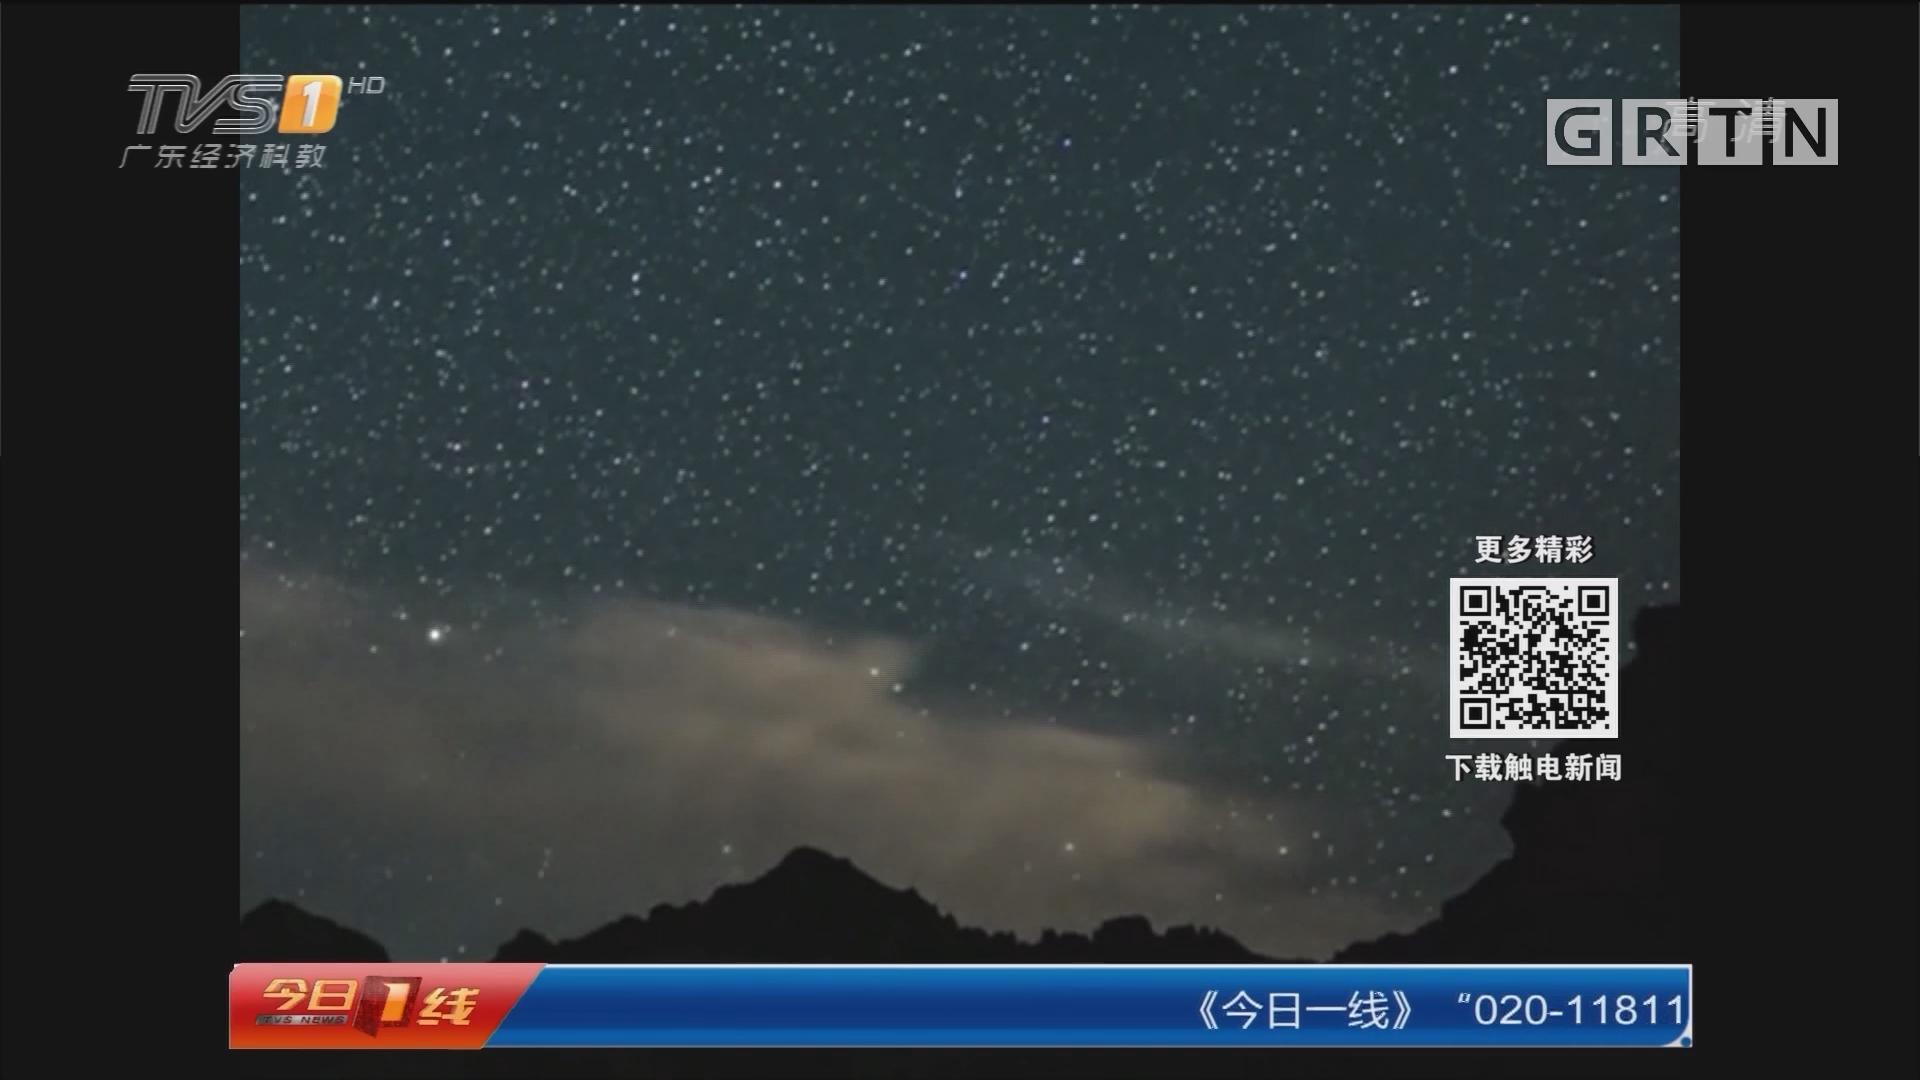 难得的天文景观:明晚19时前后 广州能看流星雨!